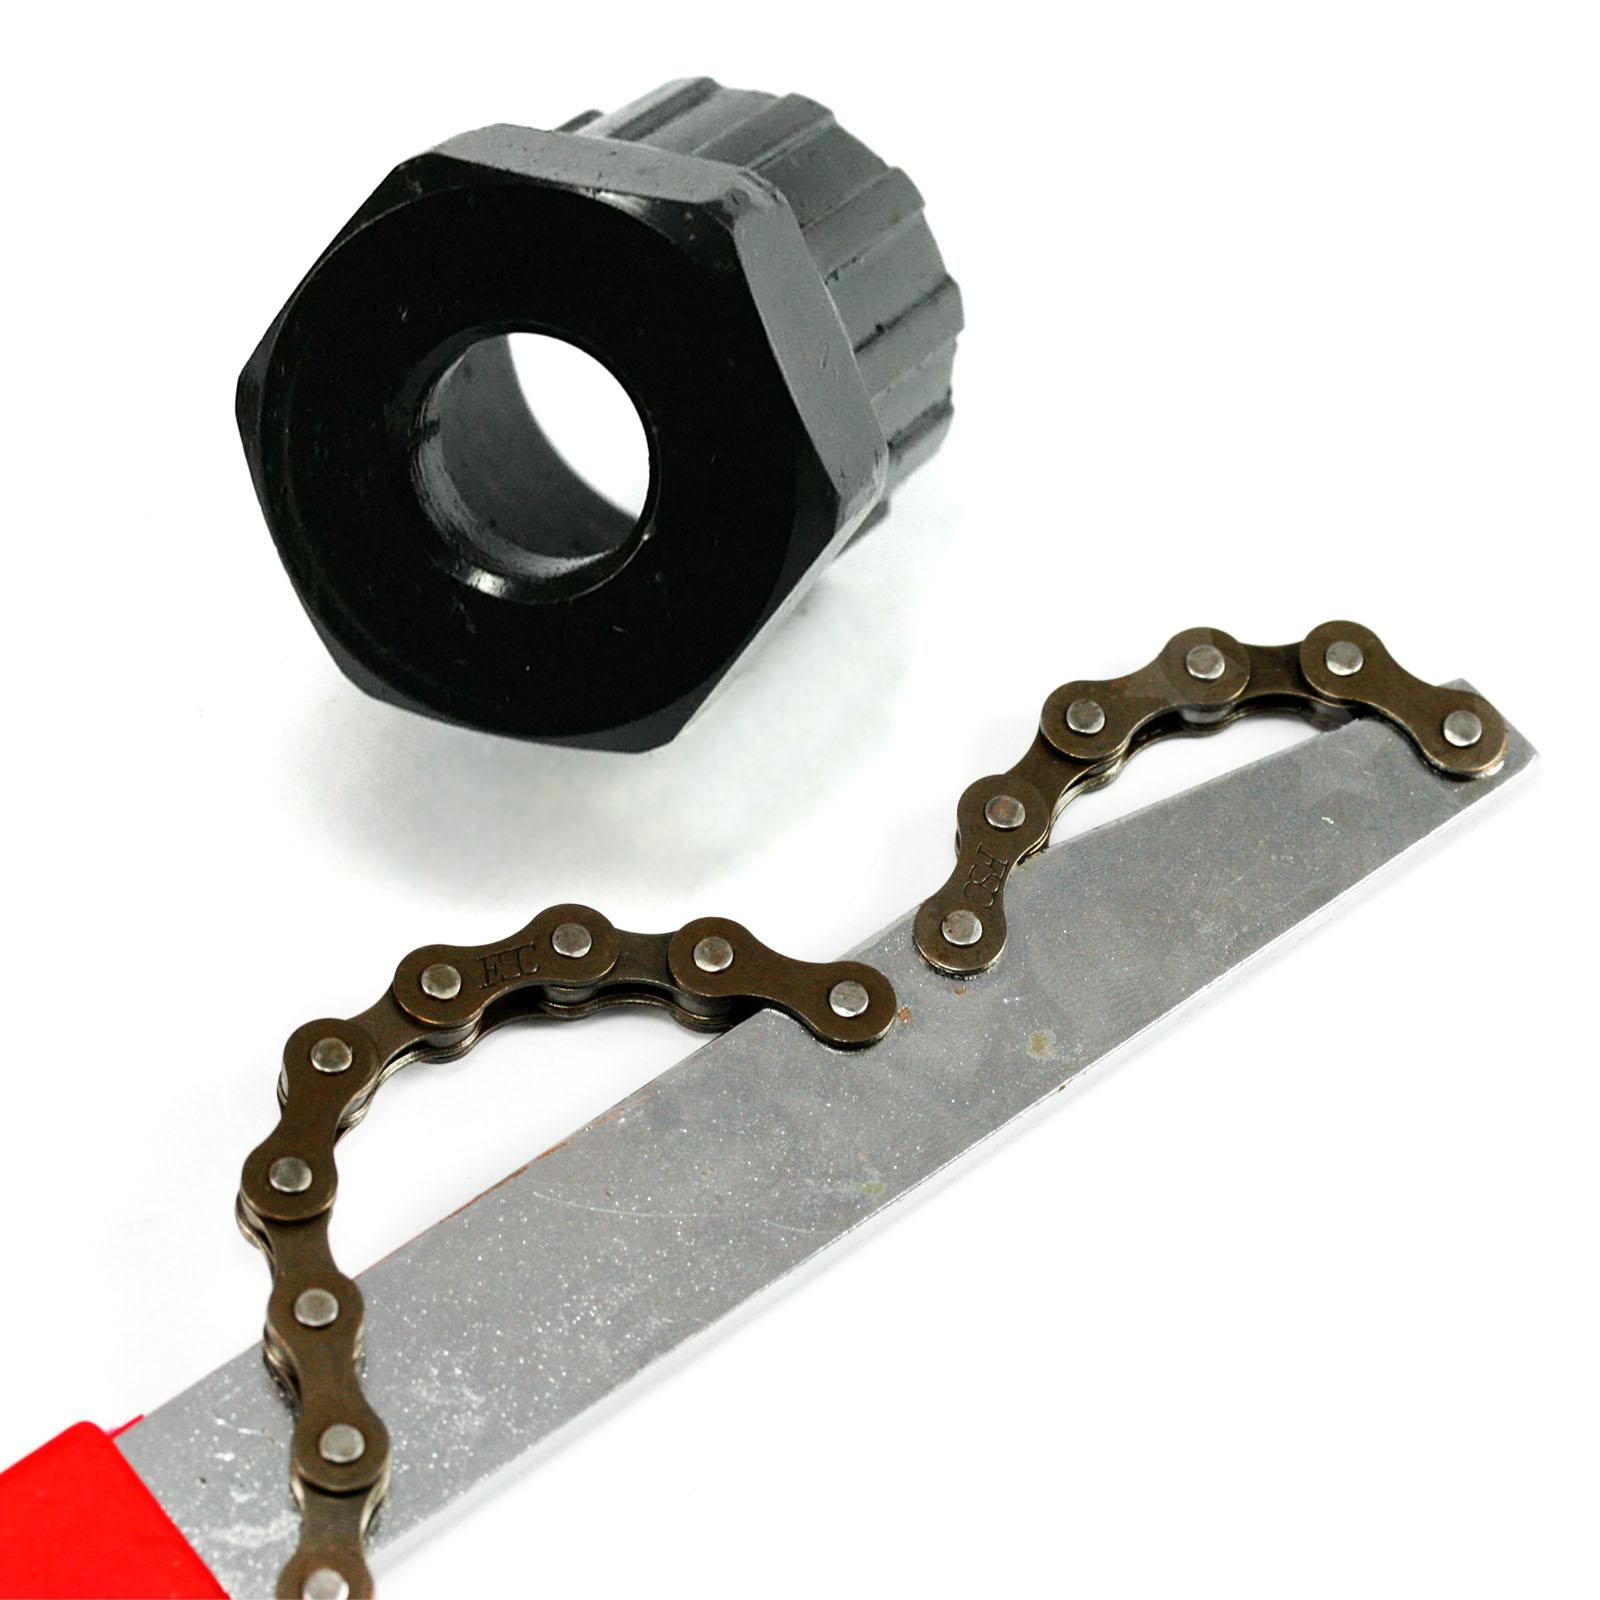 Bikehand Cassette freewheel remover installer tuner Chain Whip set for shimano